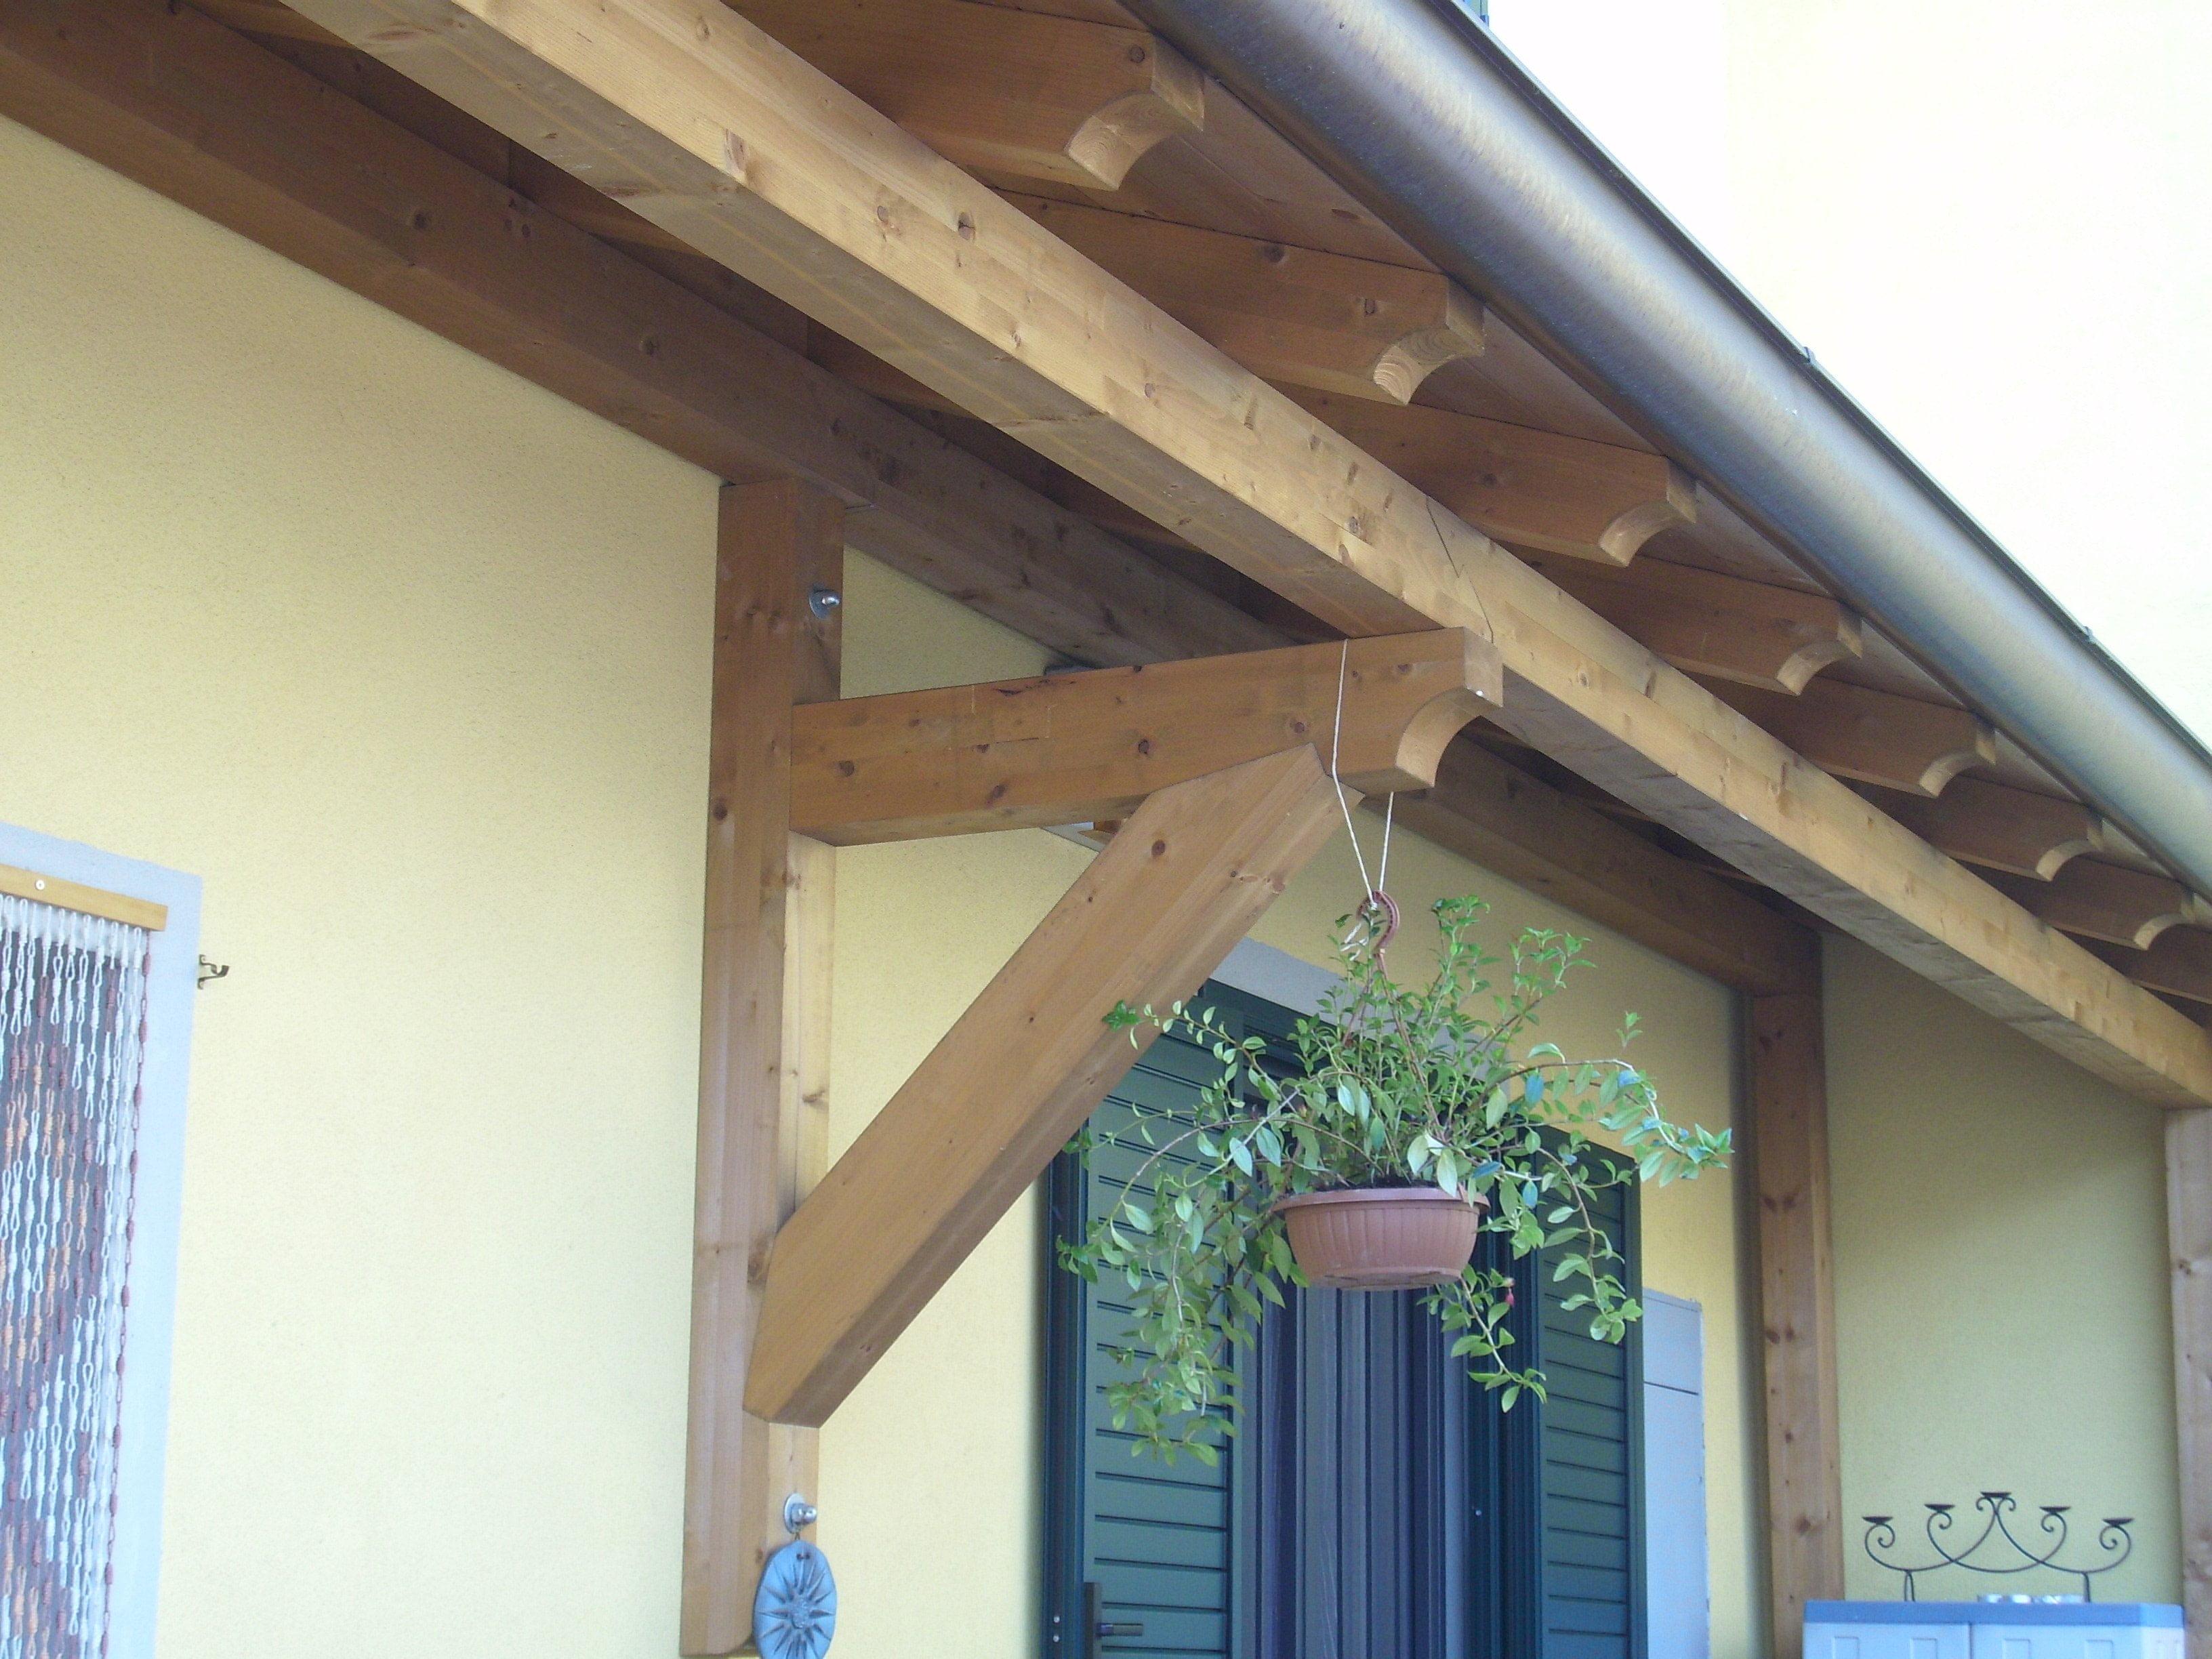 Struttura in legno per coprire porte e finestre milano cereda legnami agrate brianza - Porte finestre milano ...